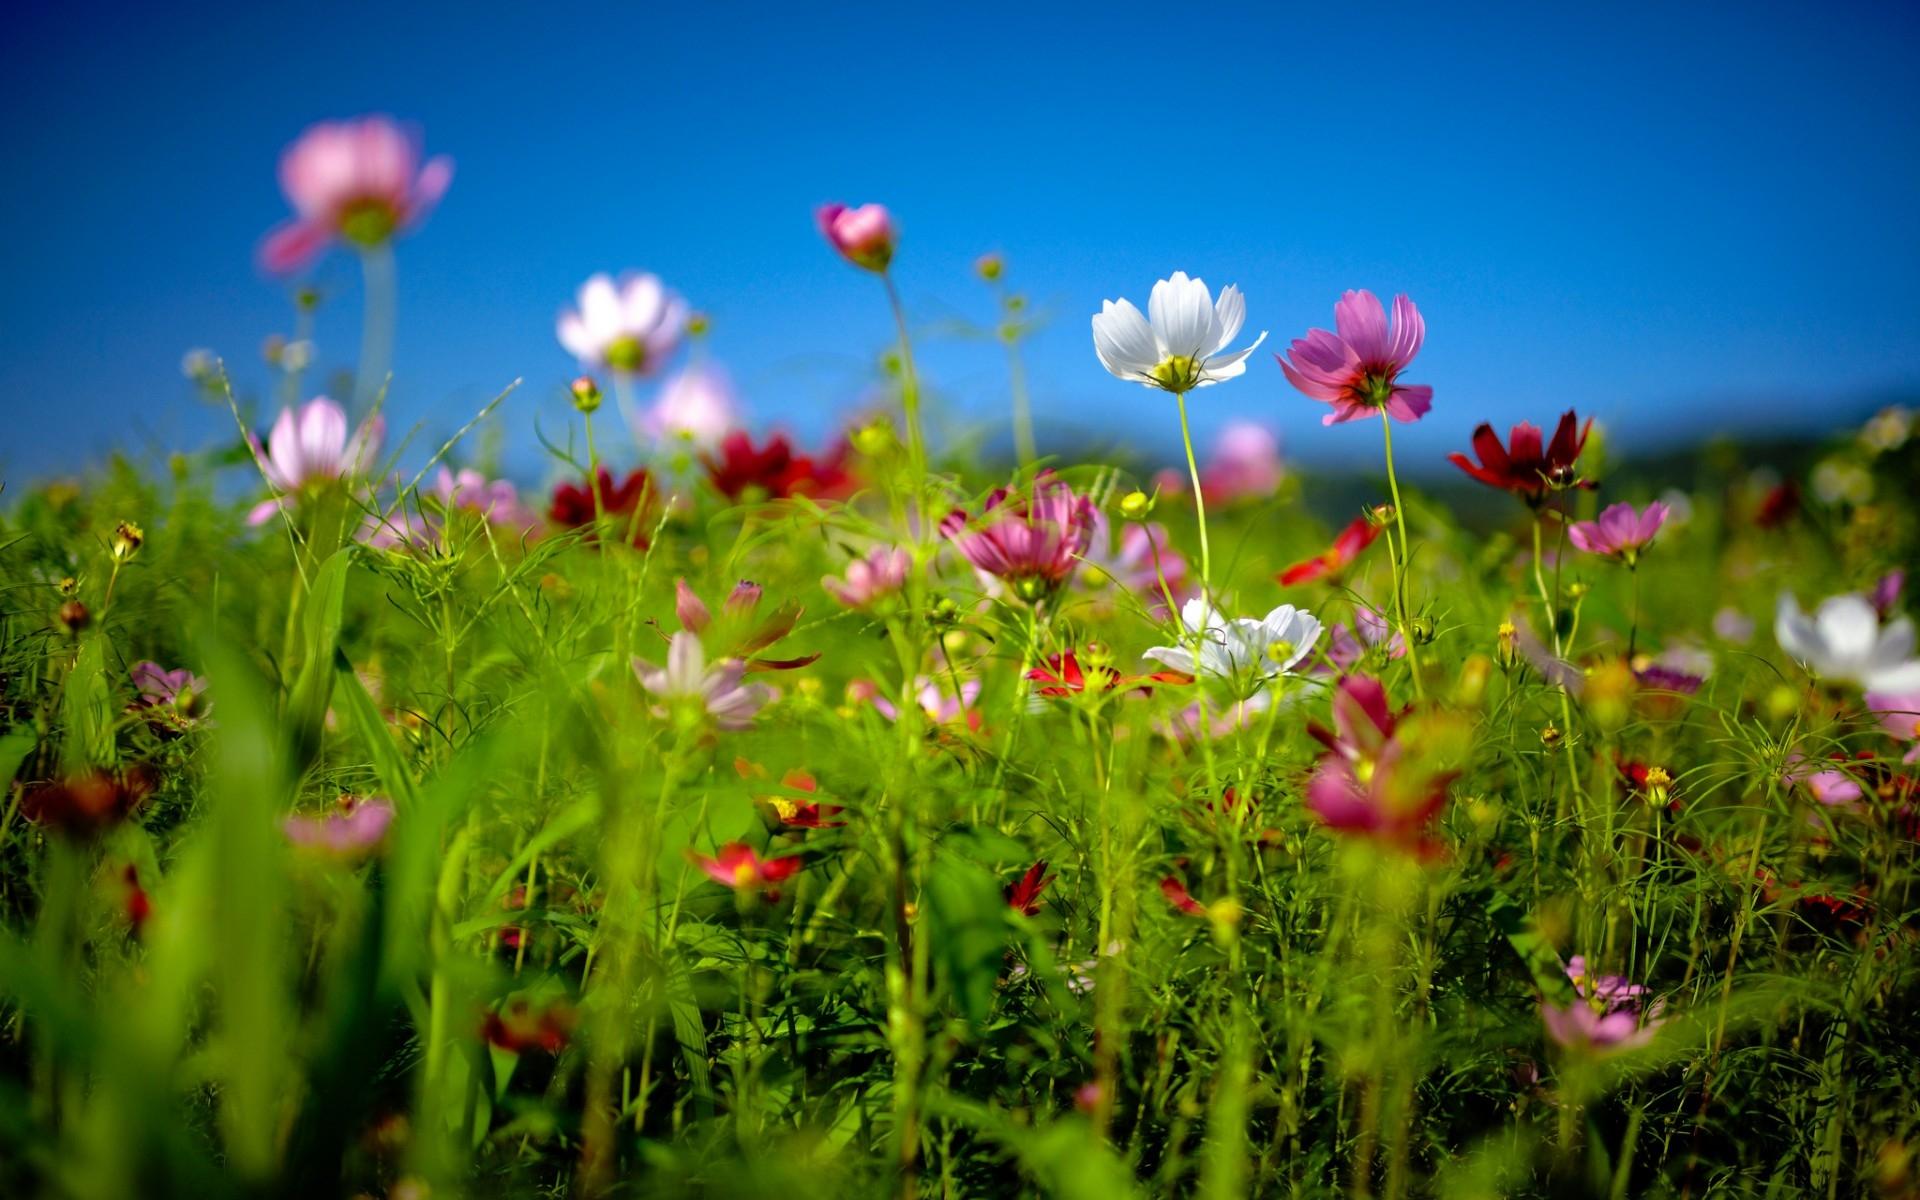 Sfondi hd natura fiori di primavera sfondi hd gratis for Sfondi hd natura